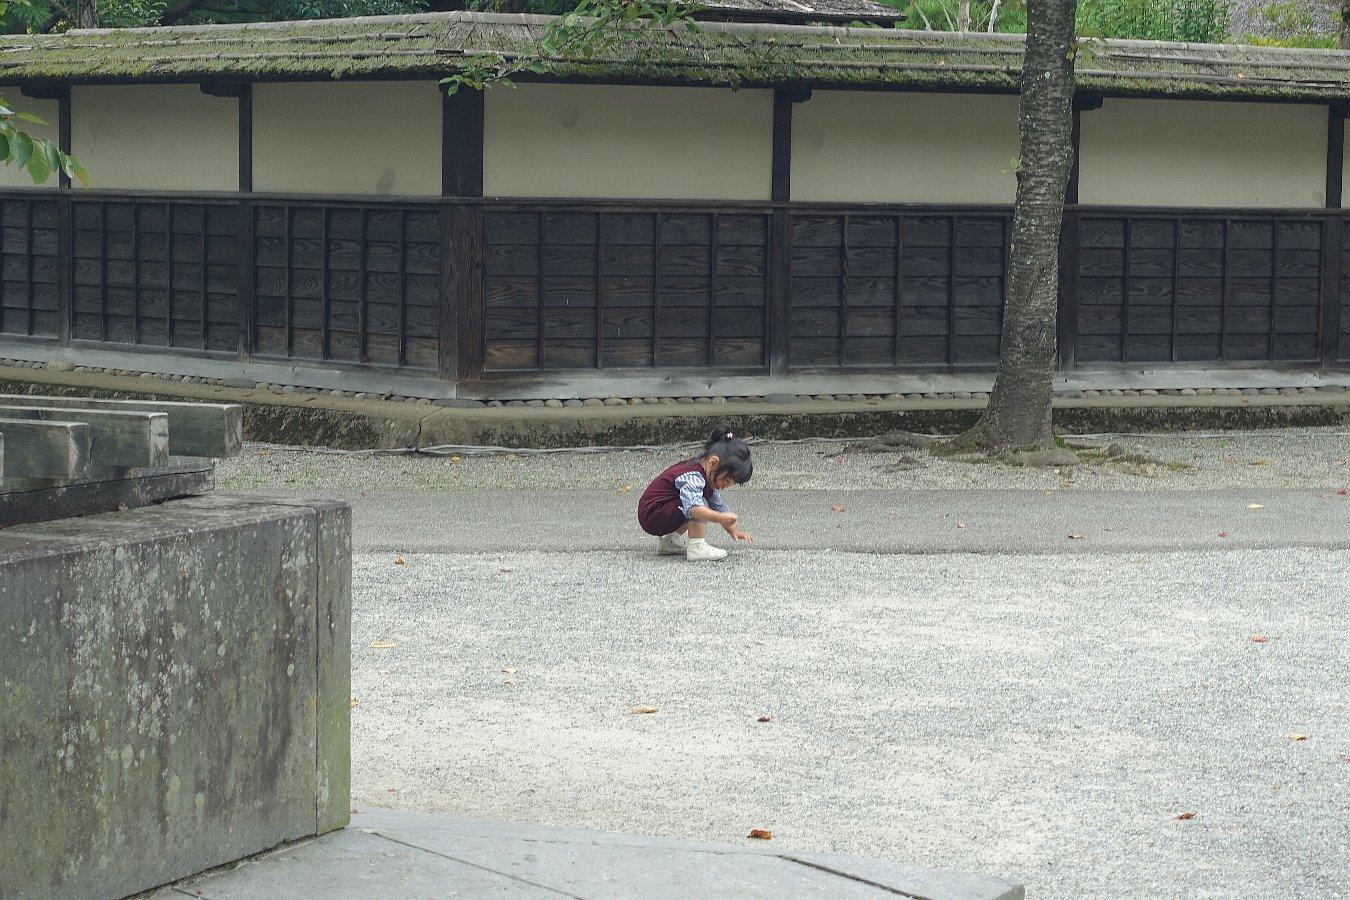 鶴ヶ城公園 茶室「麟閣」_c0112559_08485710.jpg